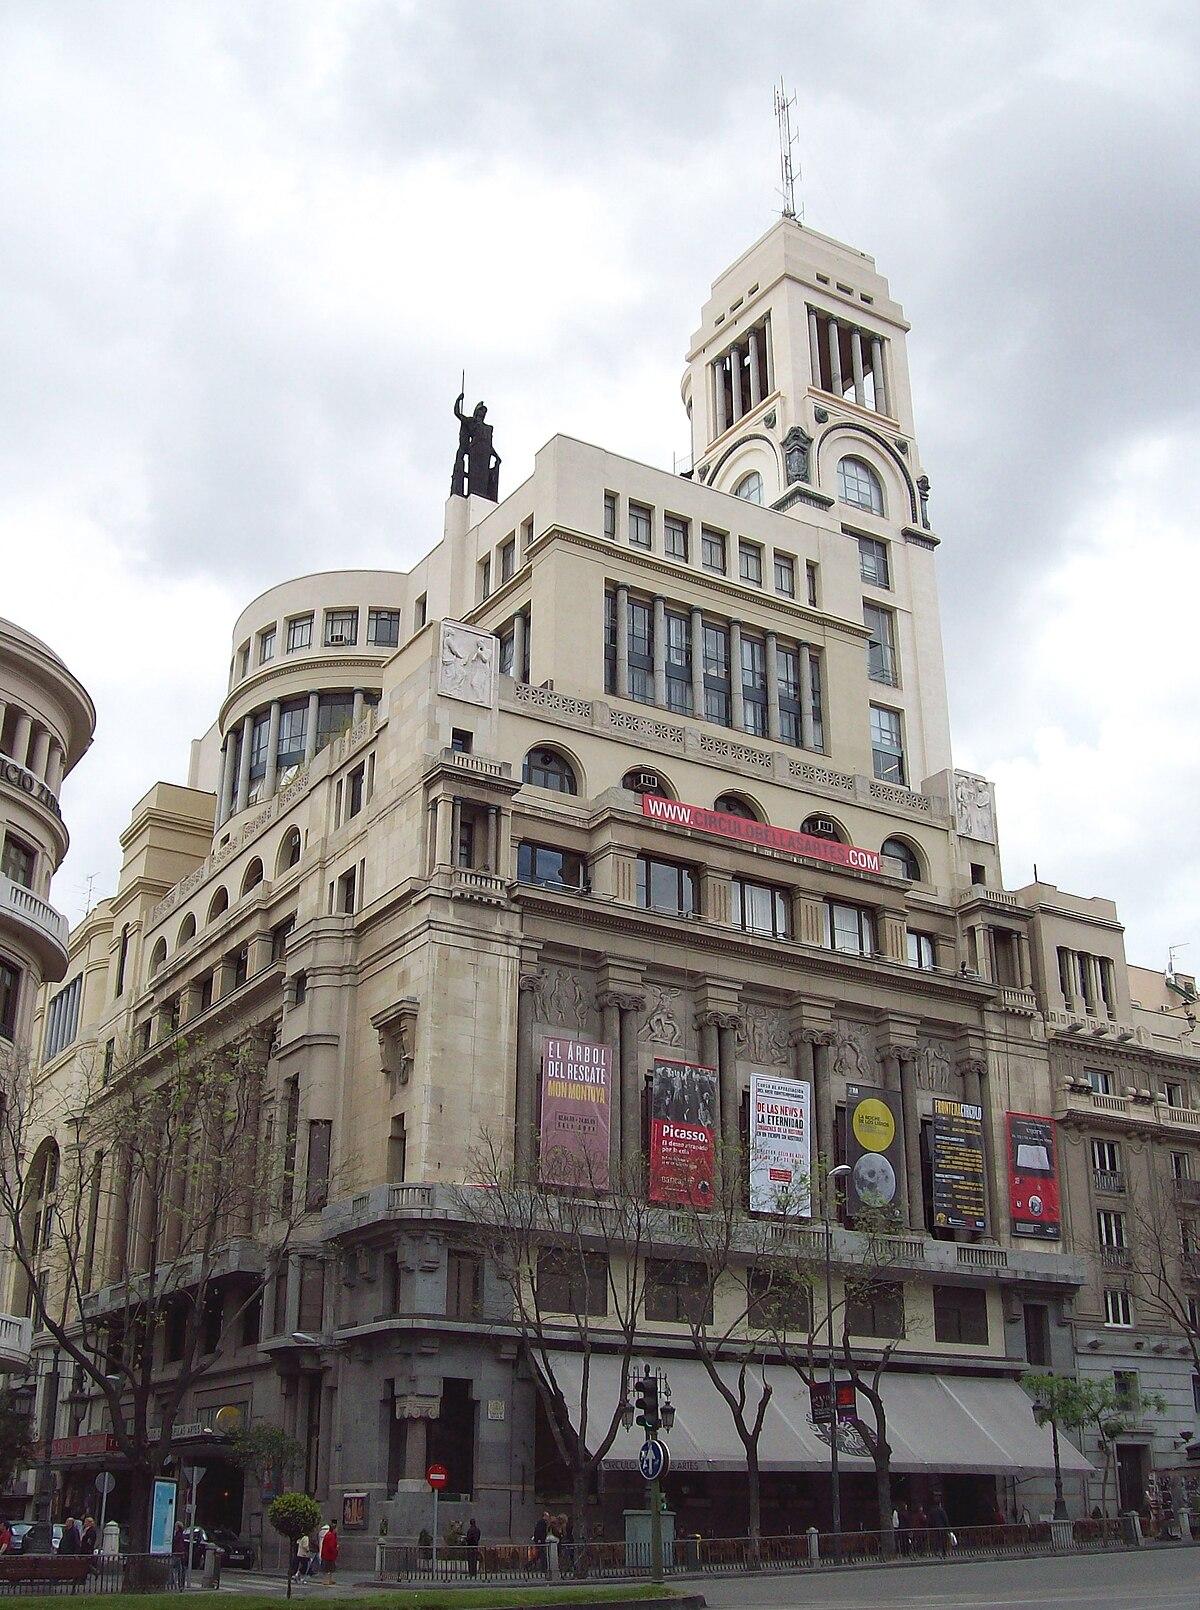 C rculo de bellas artes wikipedia la enciclopedia libre for Azoteas madrid